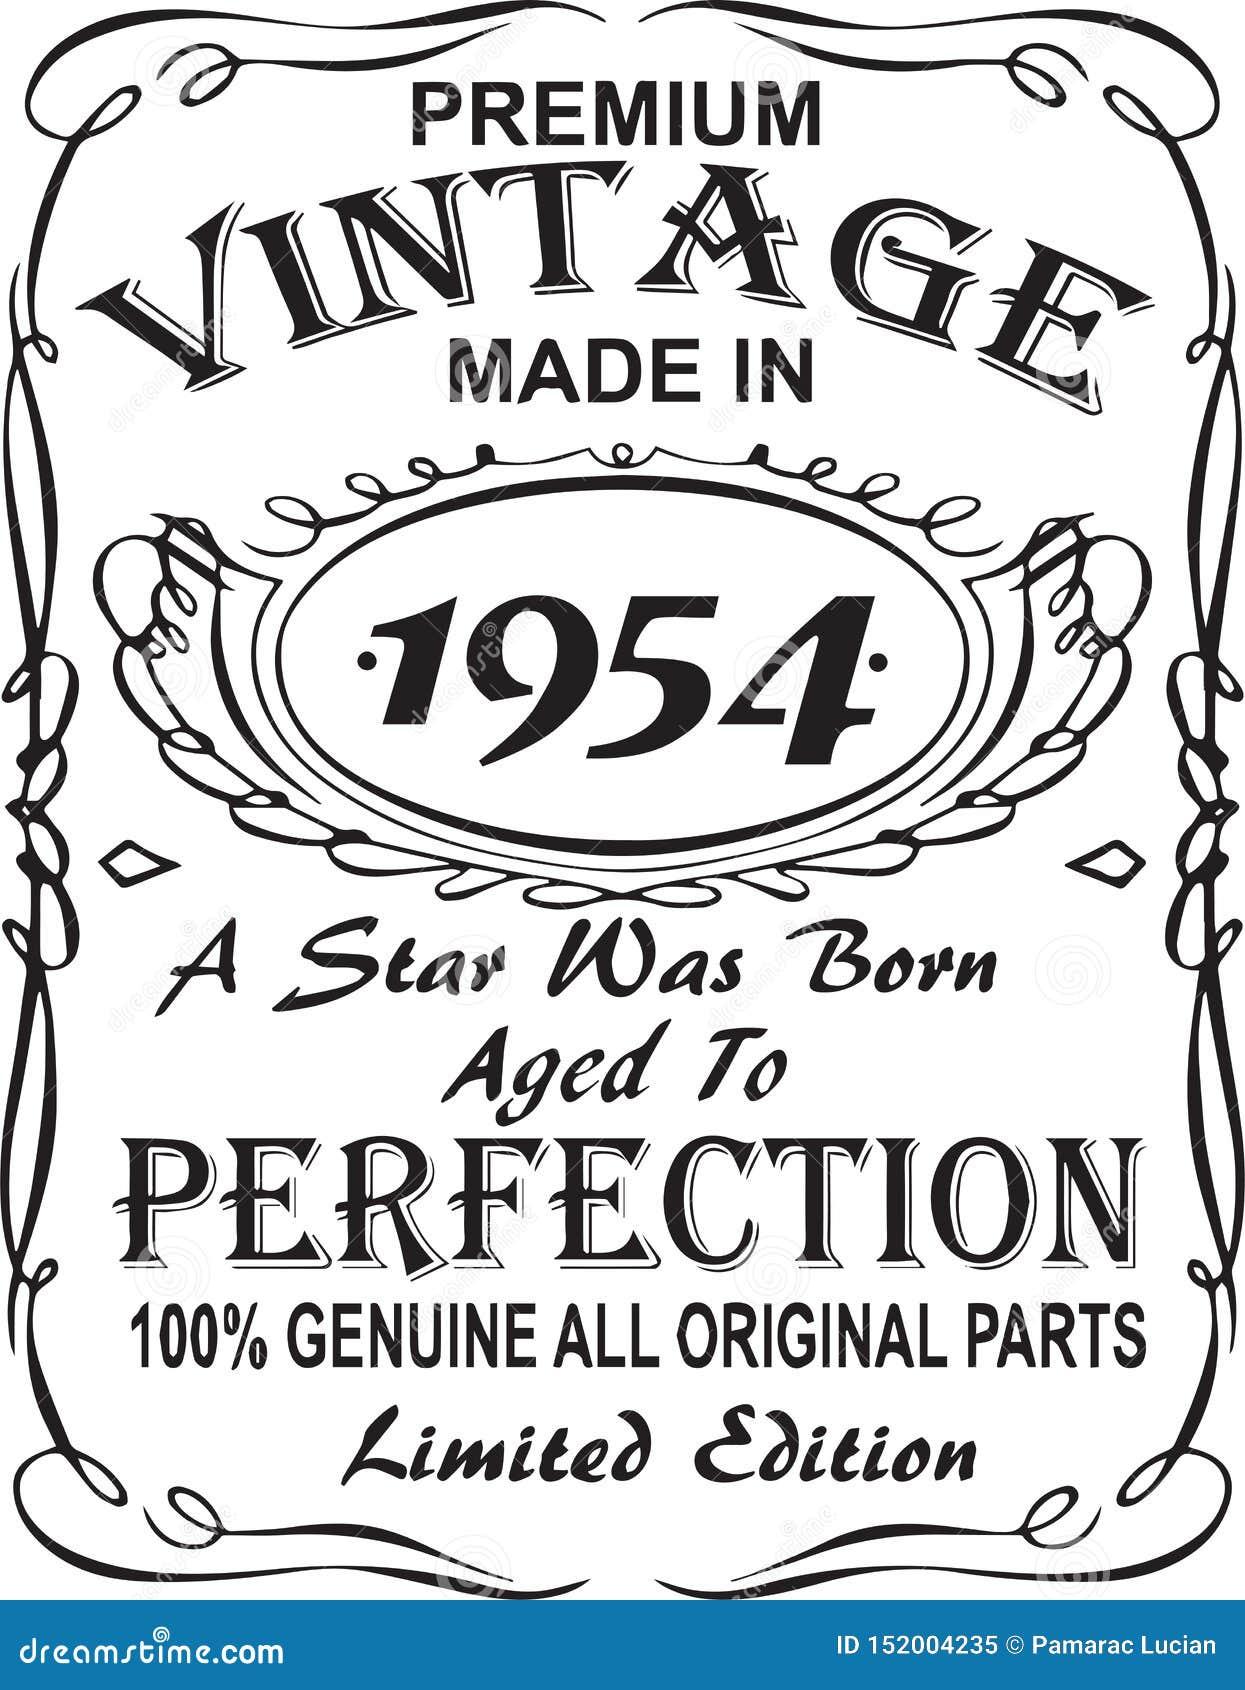 矢量T恤杉印刷品设计 优质葡萄酒在星出生的1954年做的变老了对完美100 真正所有原始的零件林